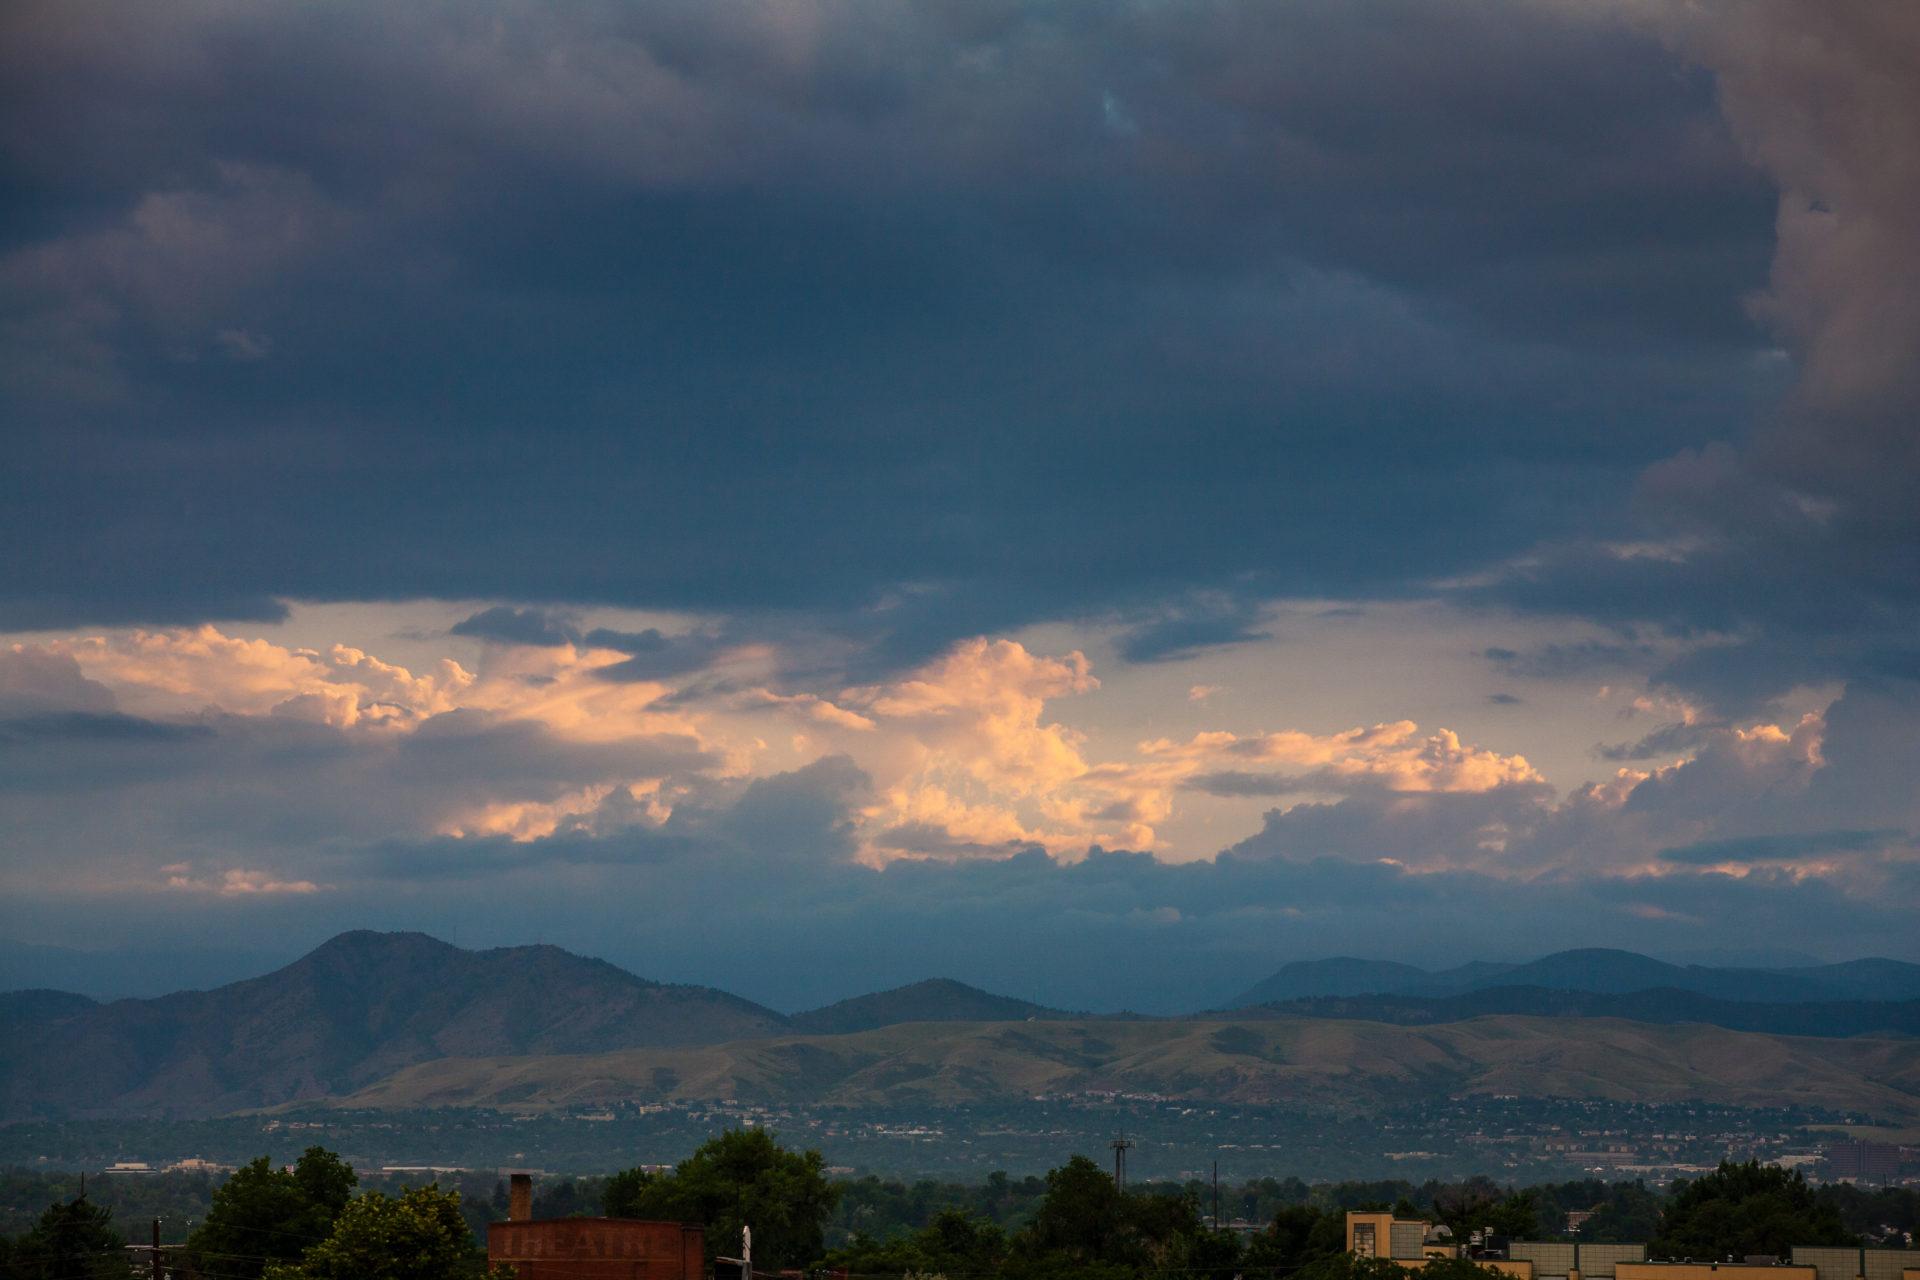 Mount Evans obscured at sunset - July 13, 2011